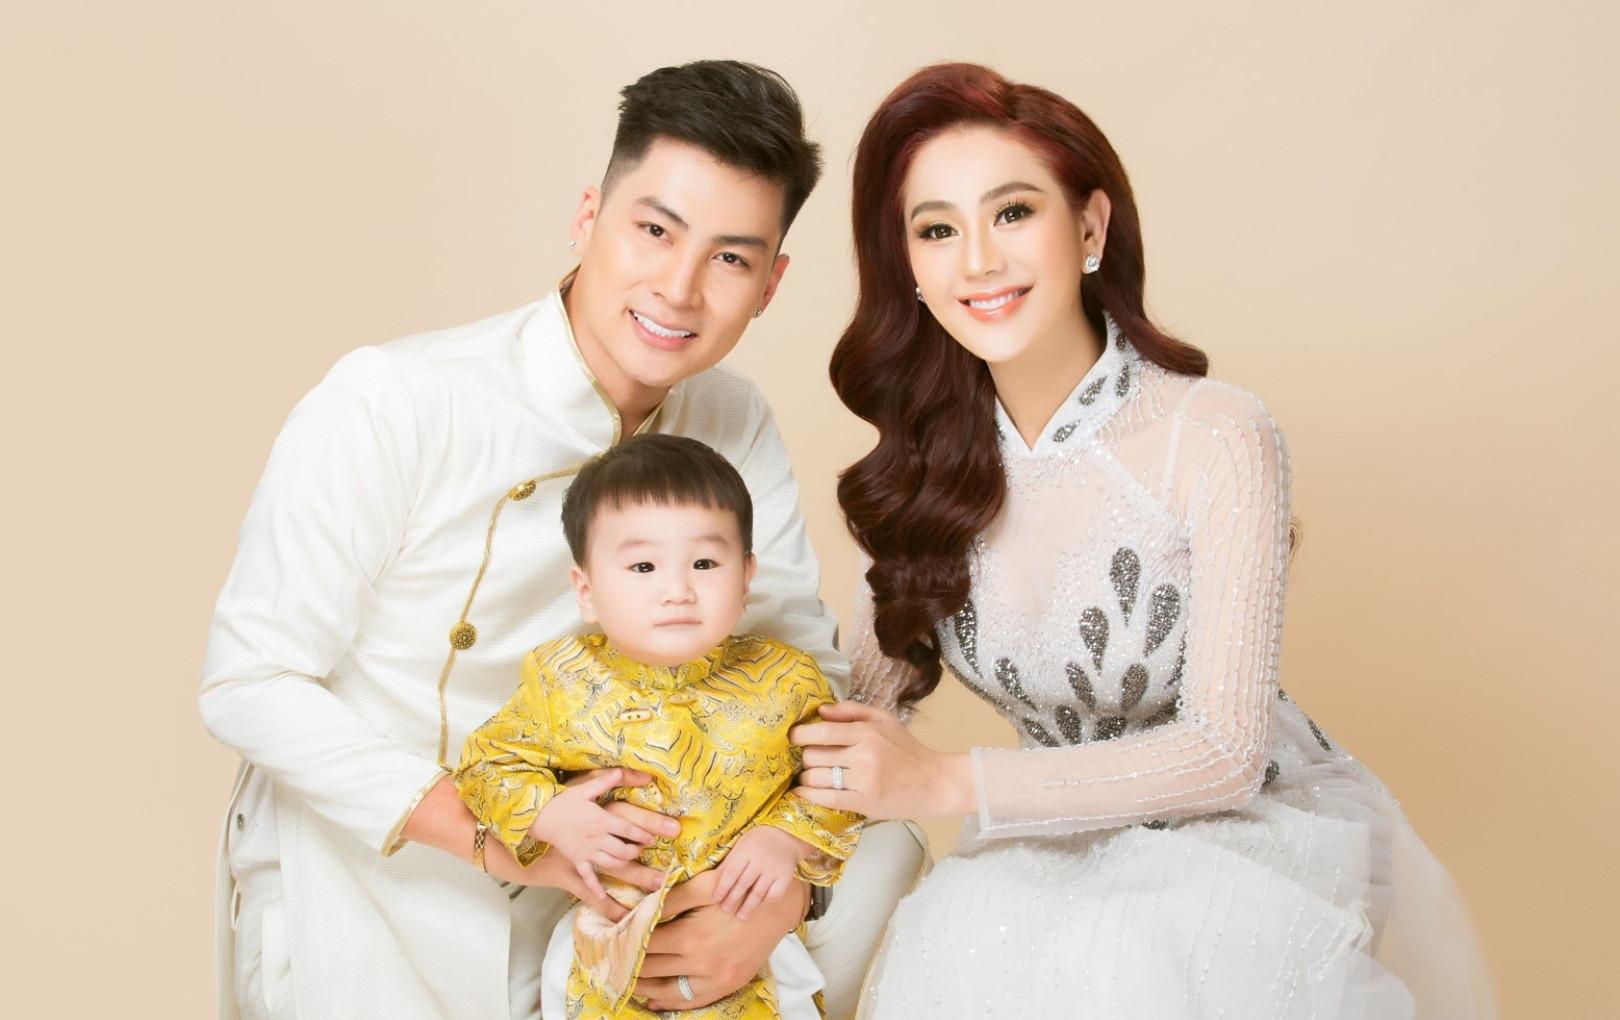 Lâm Khánh Chi nói rõ chuyện chồng trẻ bị đồn cưới vì tiền, tiết lộ từng phải mượn tiền tỷ của xã hội đen